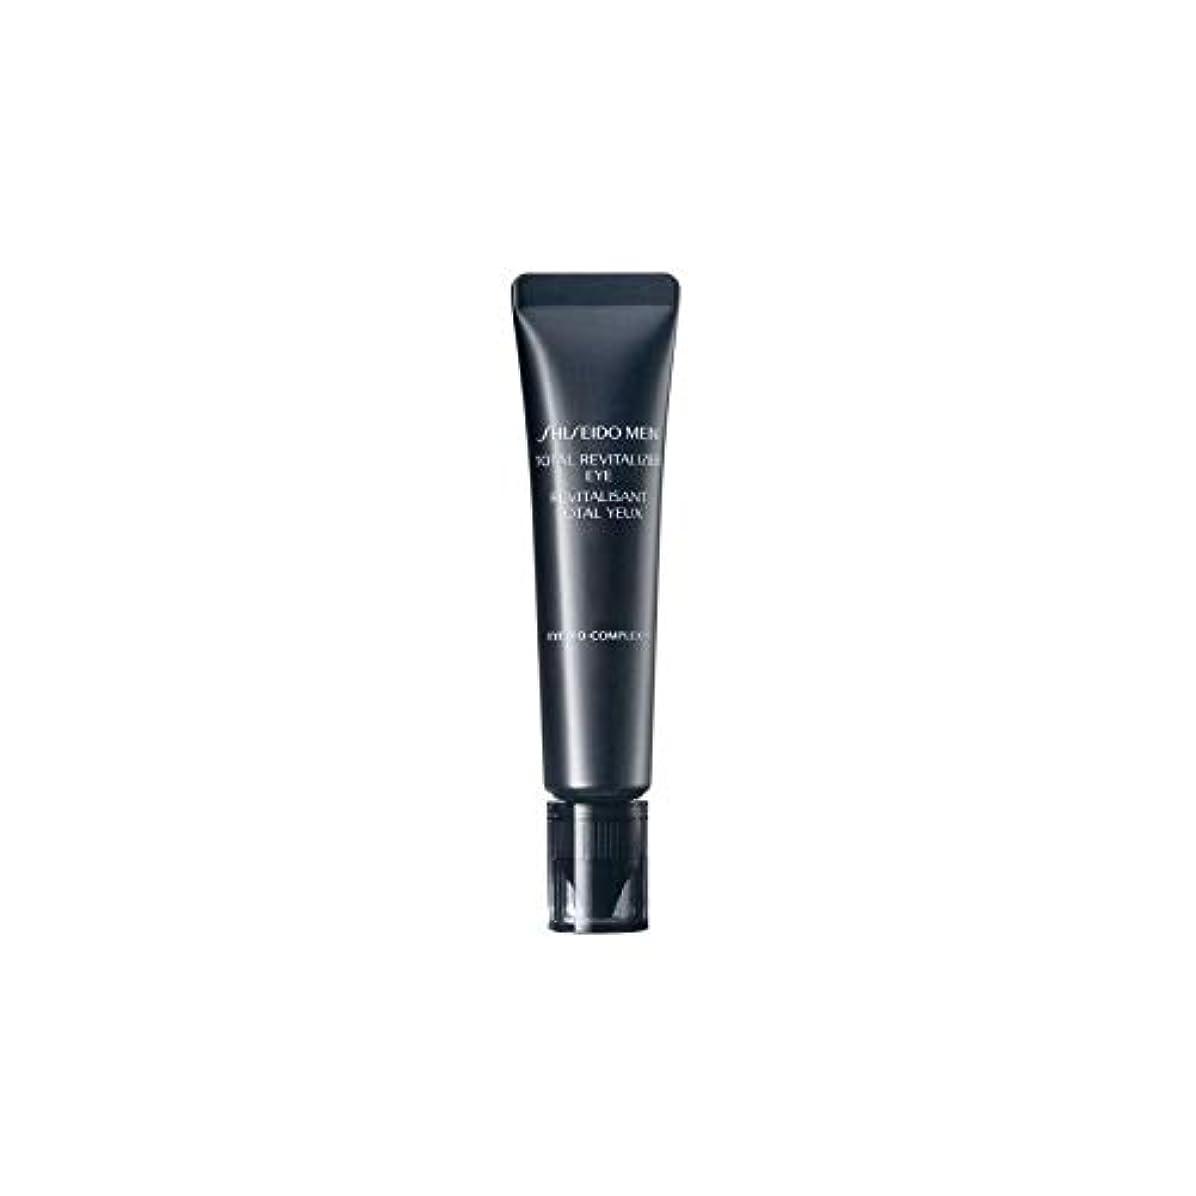 戦艦尊敬普通の[Shiseido ] 資生堂は、総滋養強壮の眼(15ミリリットル)をメンズ - Shiseido Mens Total Revitalizer Eye (15ml) [並行輸入品]